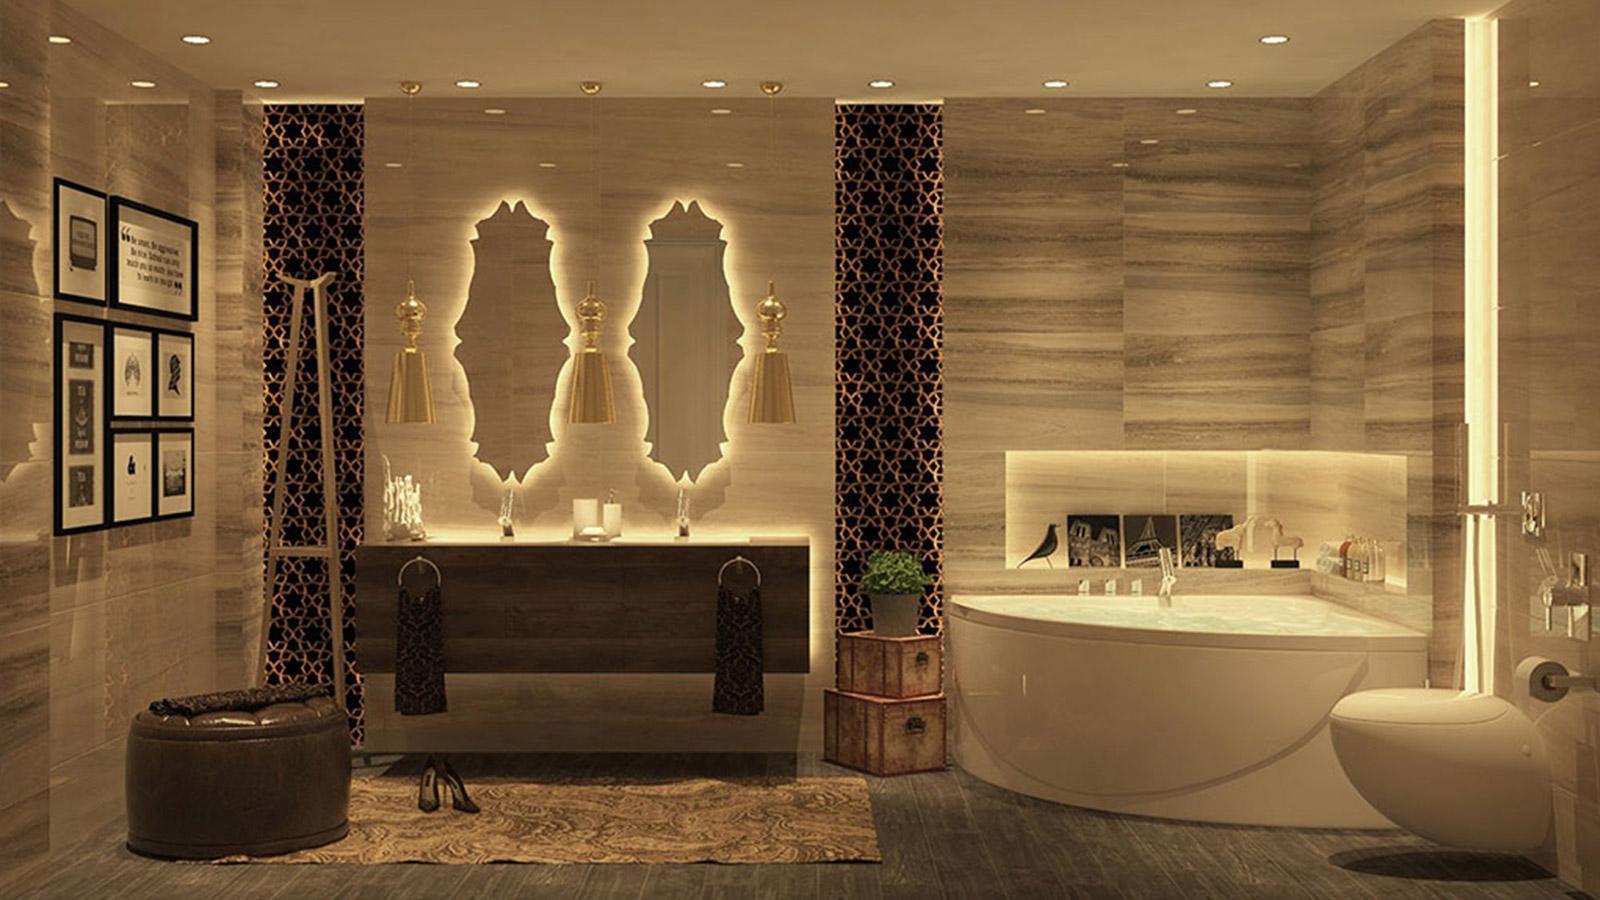 Thiết kế nội thất phòng vệ sinh bằng gỗ